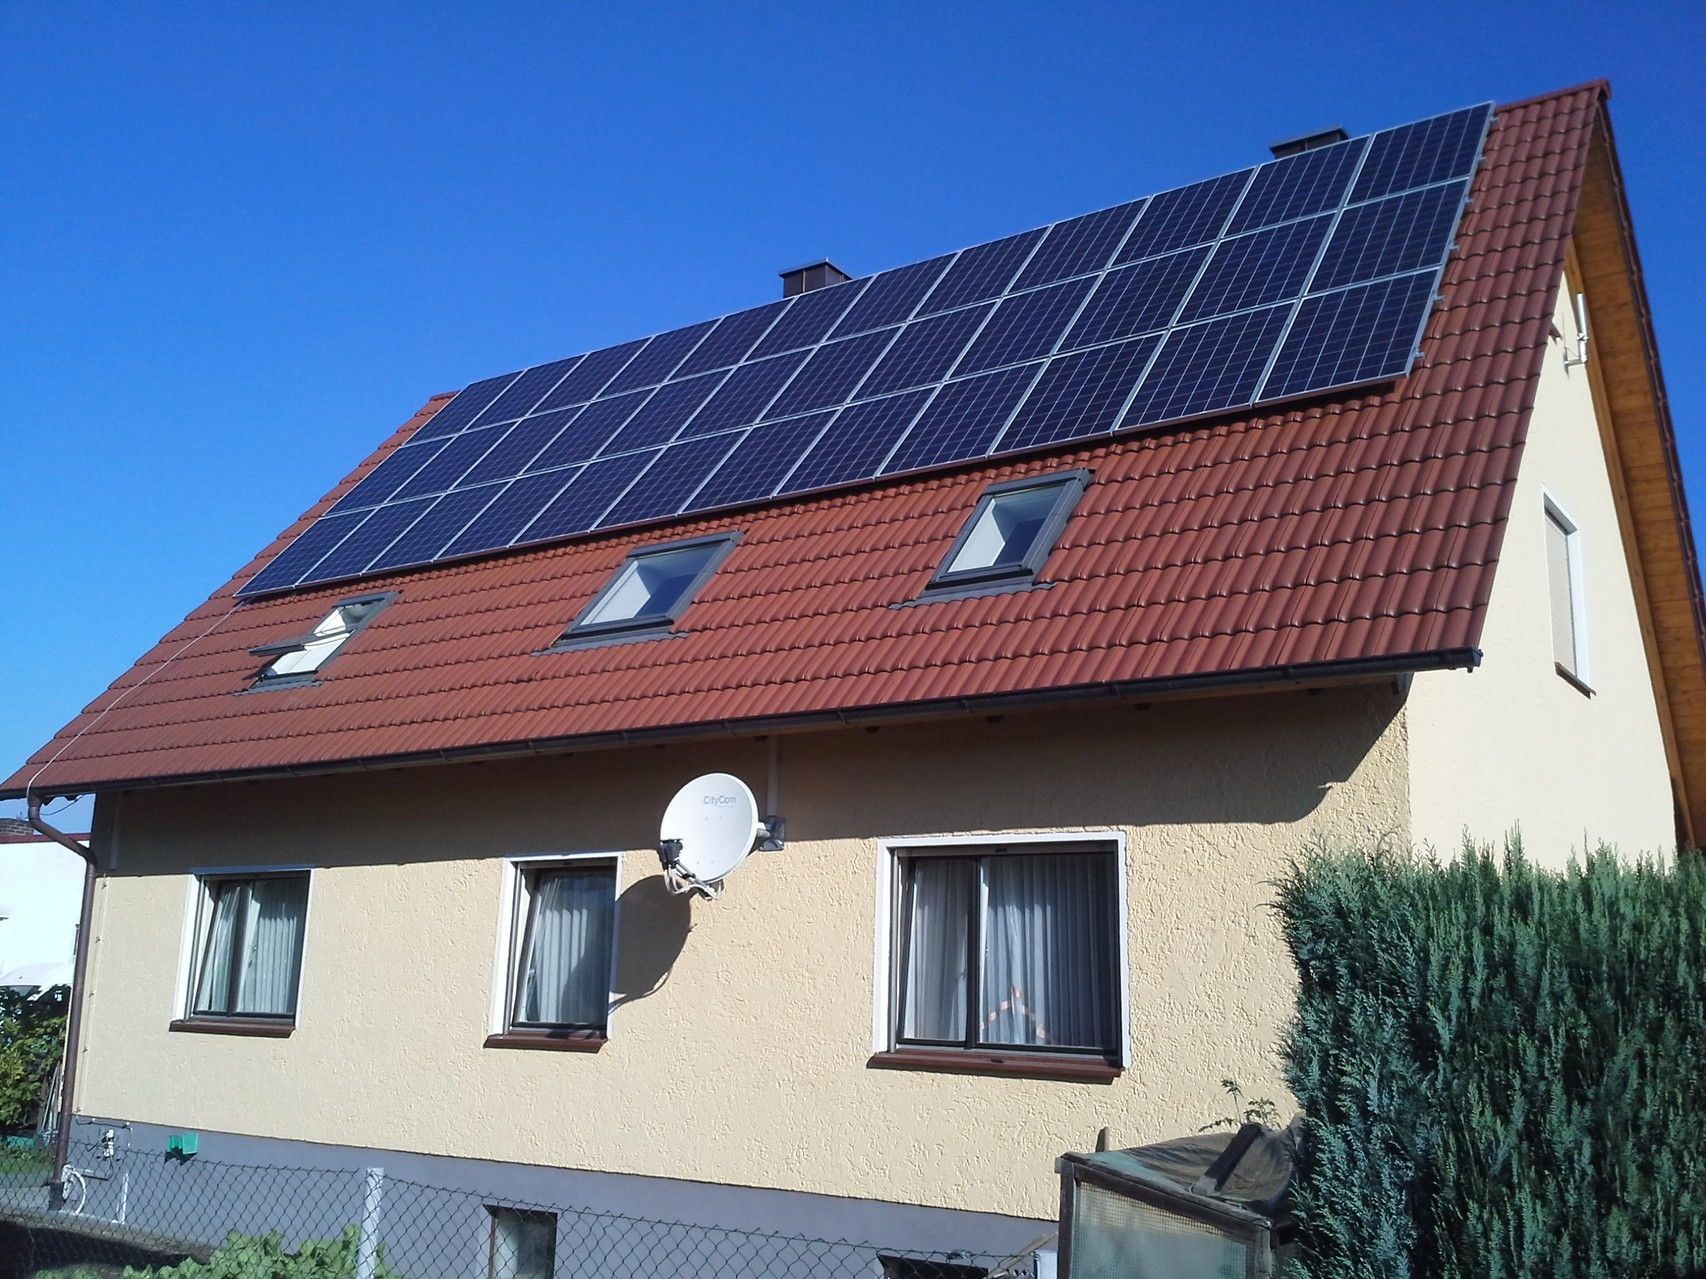 Phototovoltaikanlage 8,28 kWp in 93142 Mahütte - Haidhof mit Heckert Solar und BYD Hybrid Speicher